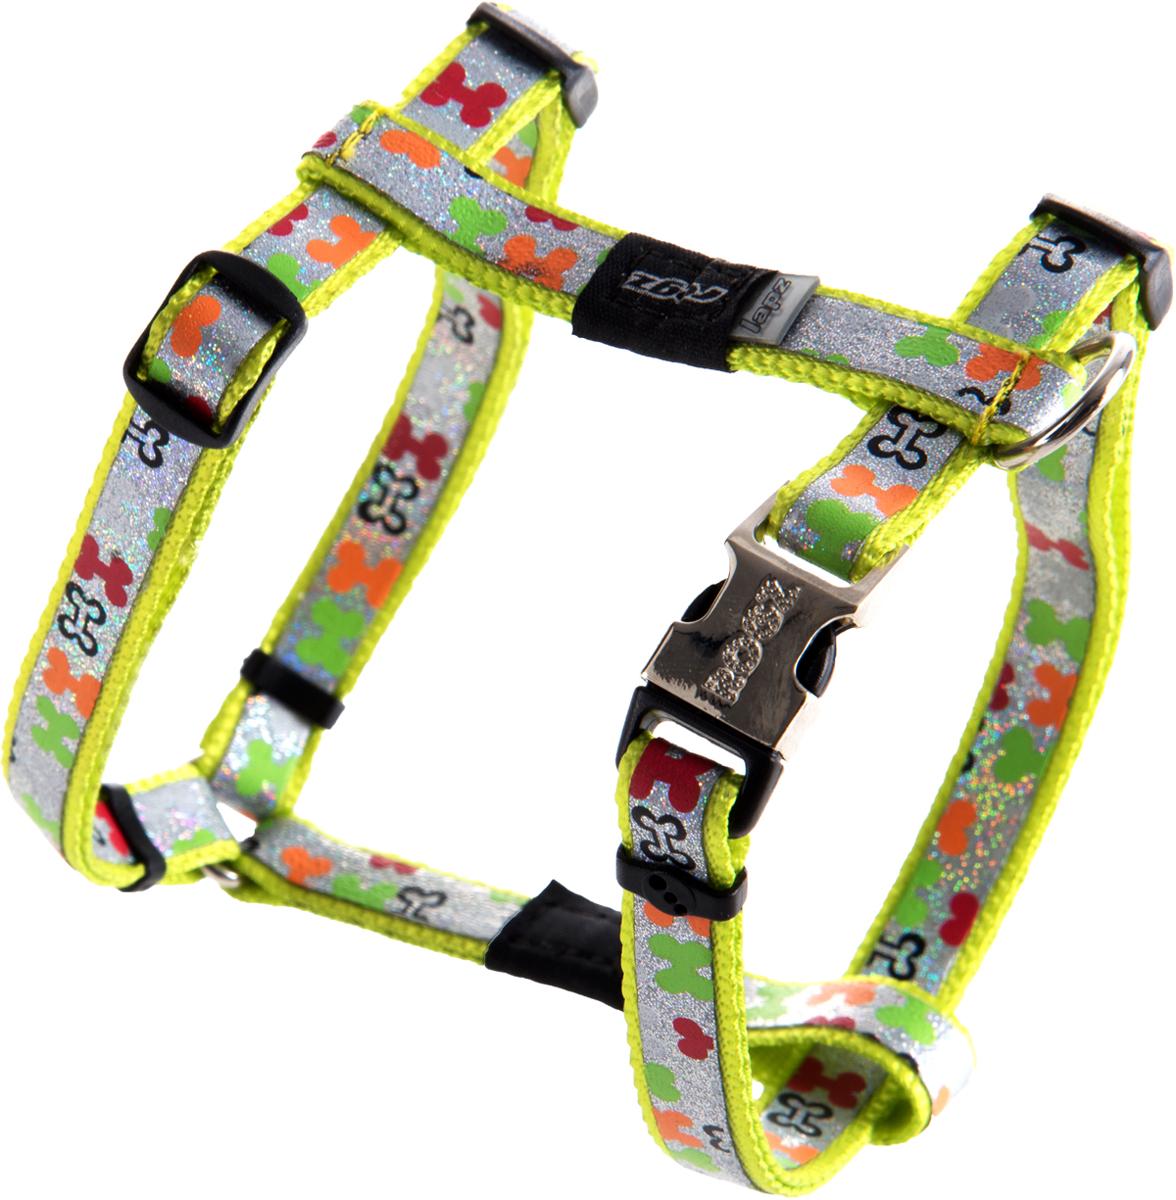 Шлейка для собак Rogz Trendy, цвет: салатовый, ширина 1,2 см. Размер S0120710Шлейка для собак Rogz Trendy обладает нежнейшей мягкостью и гибкостью.Светоотражающие материалы для обеспечения лучшей видимости собаки в темное время суток.